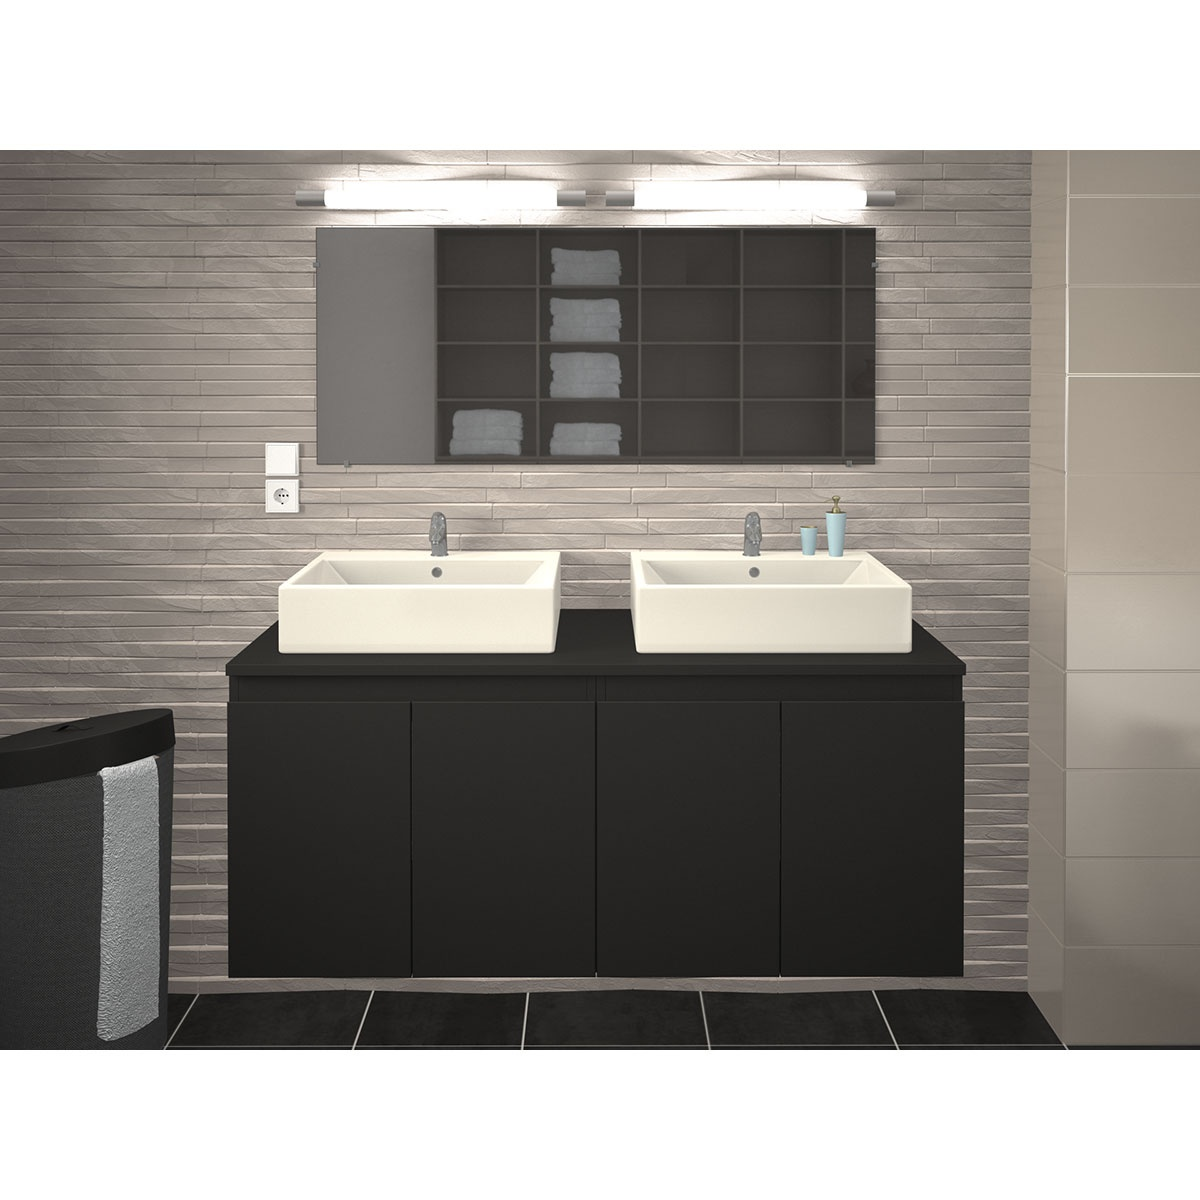 Meuble et double vasques de salle de bain en 120 cm  (Gris)